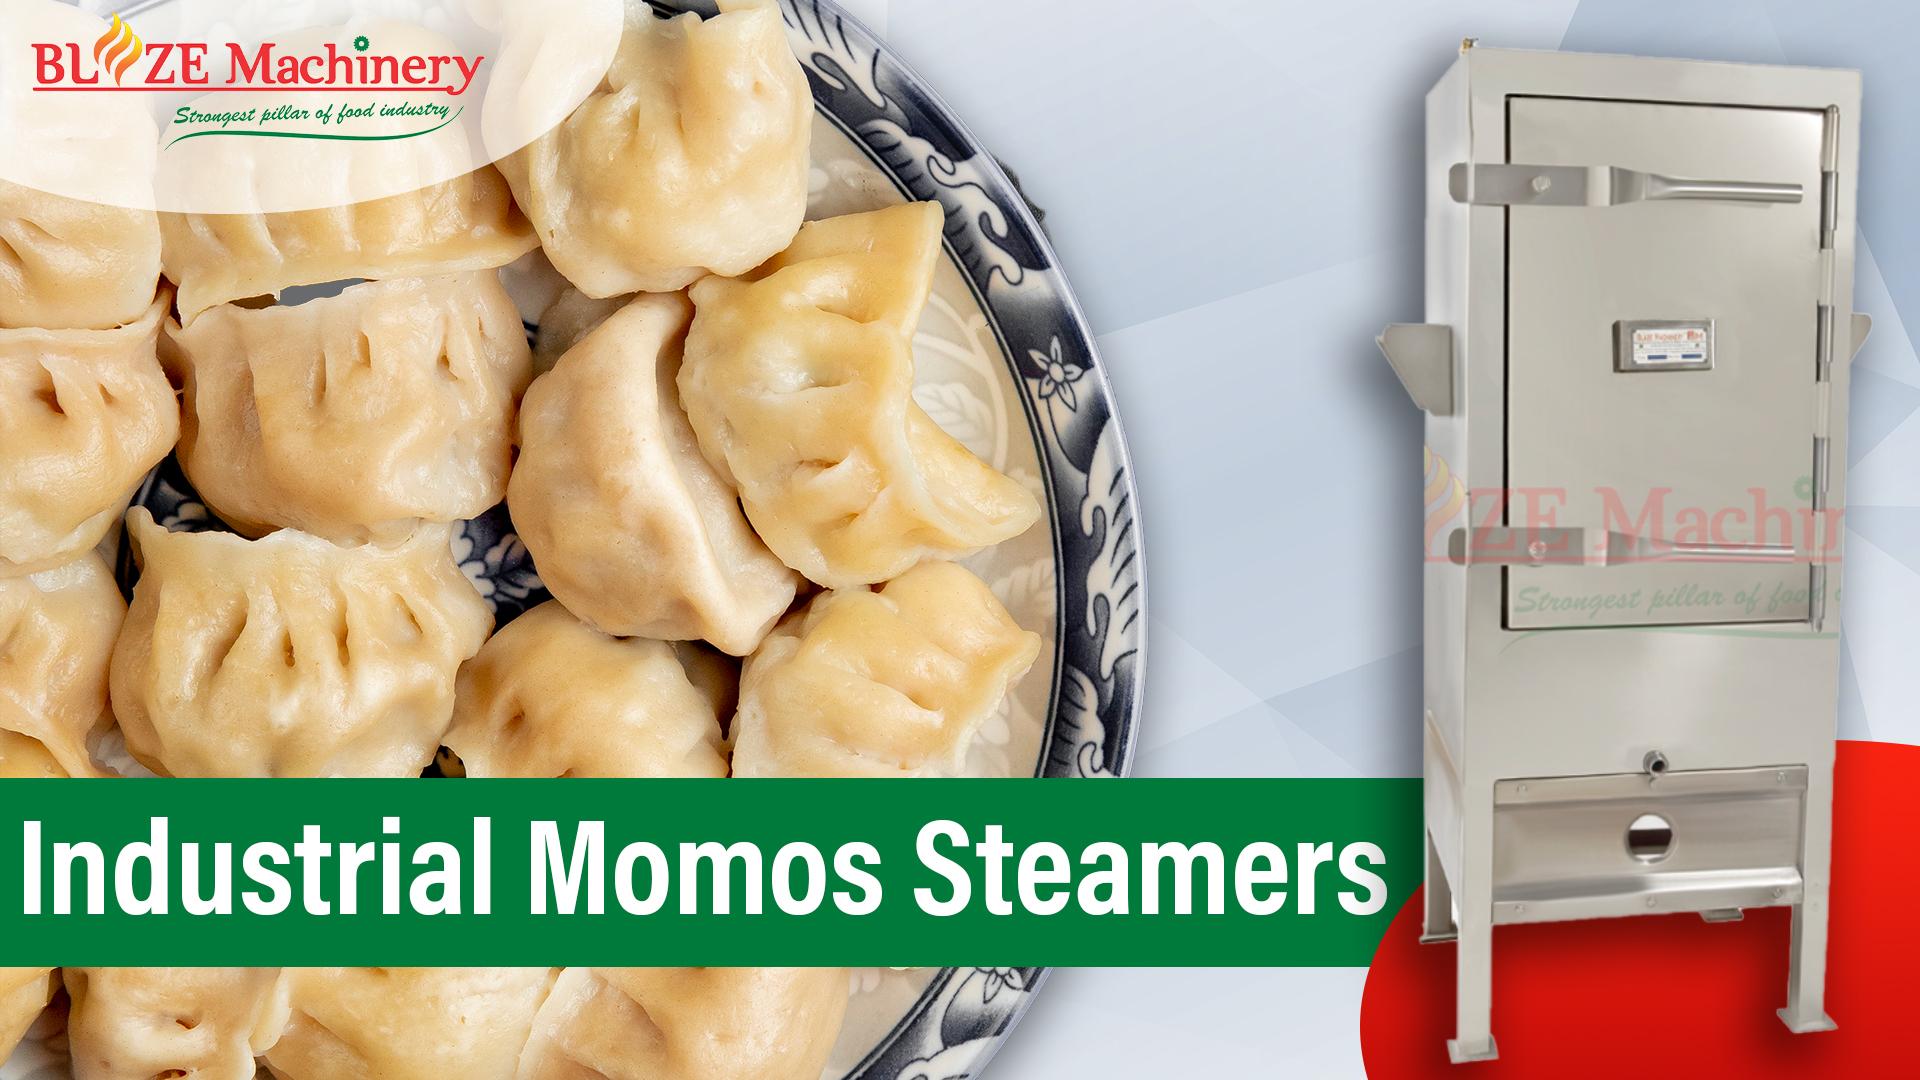 Industrial Momos Steamer